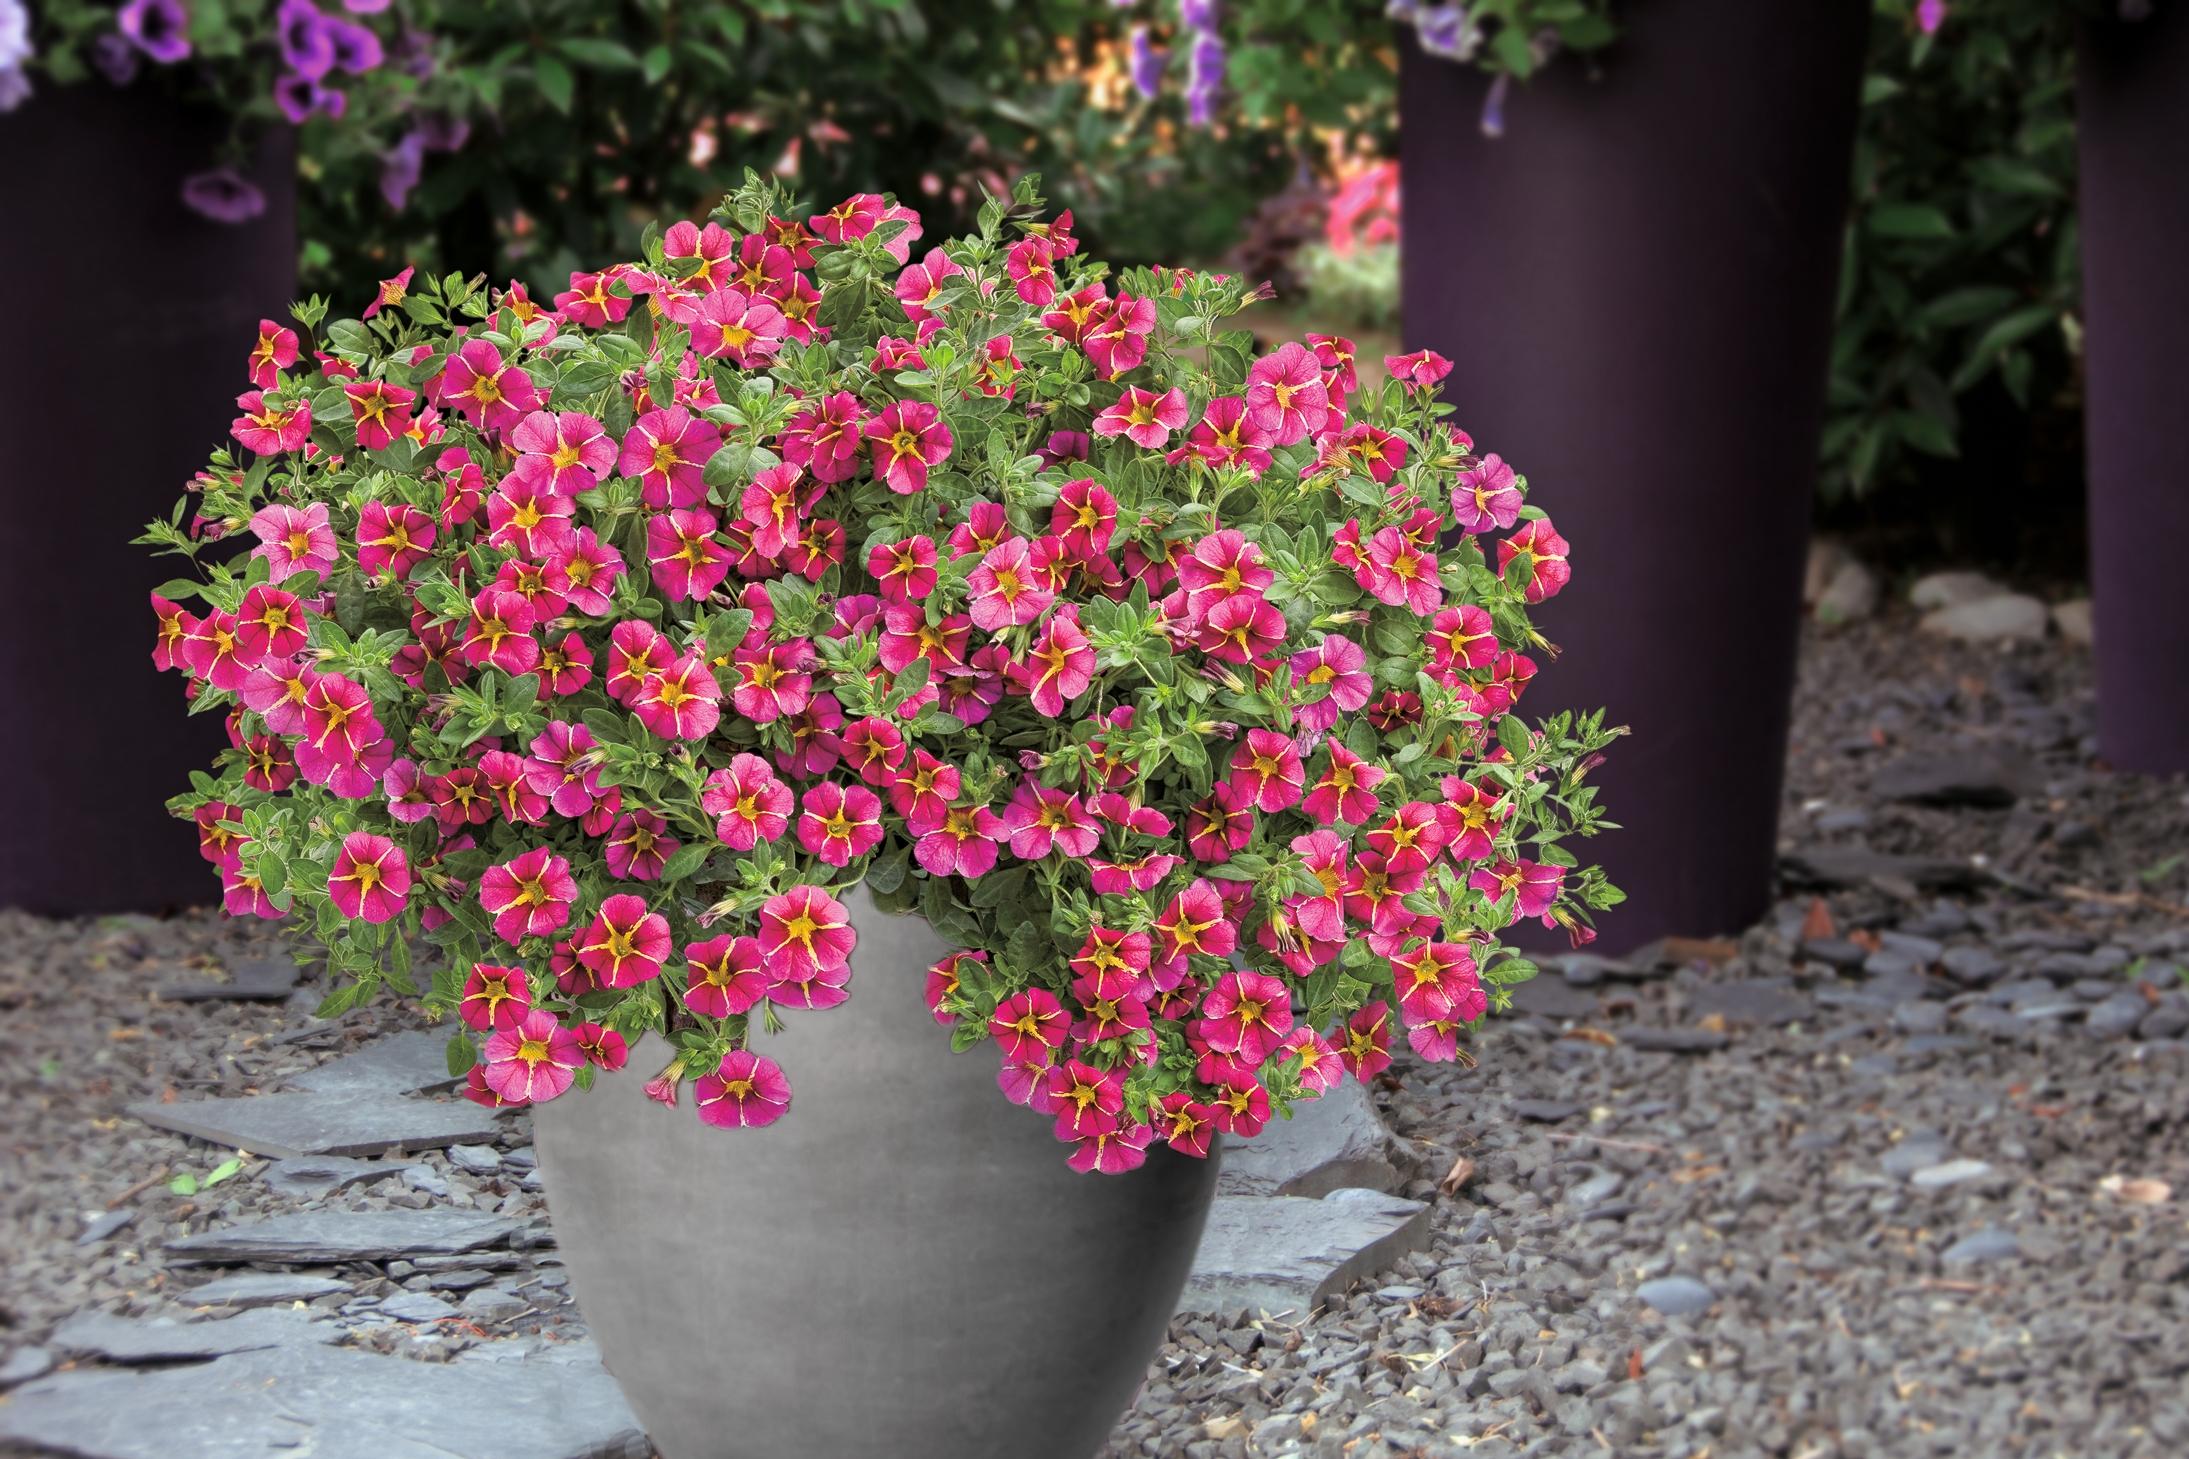 Pflanze des Jahres im Norden: Der Norden setzt auf eine Blütenkugel in Pink und Gelb